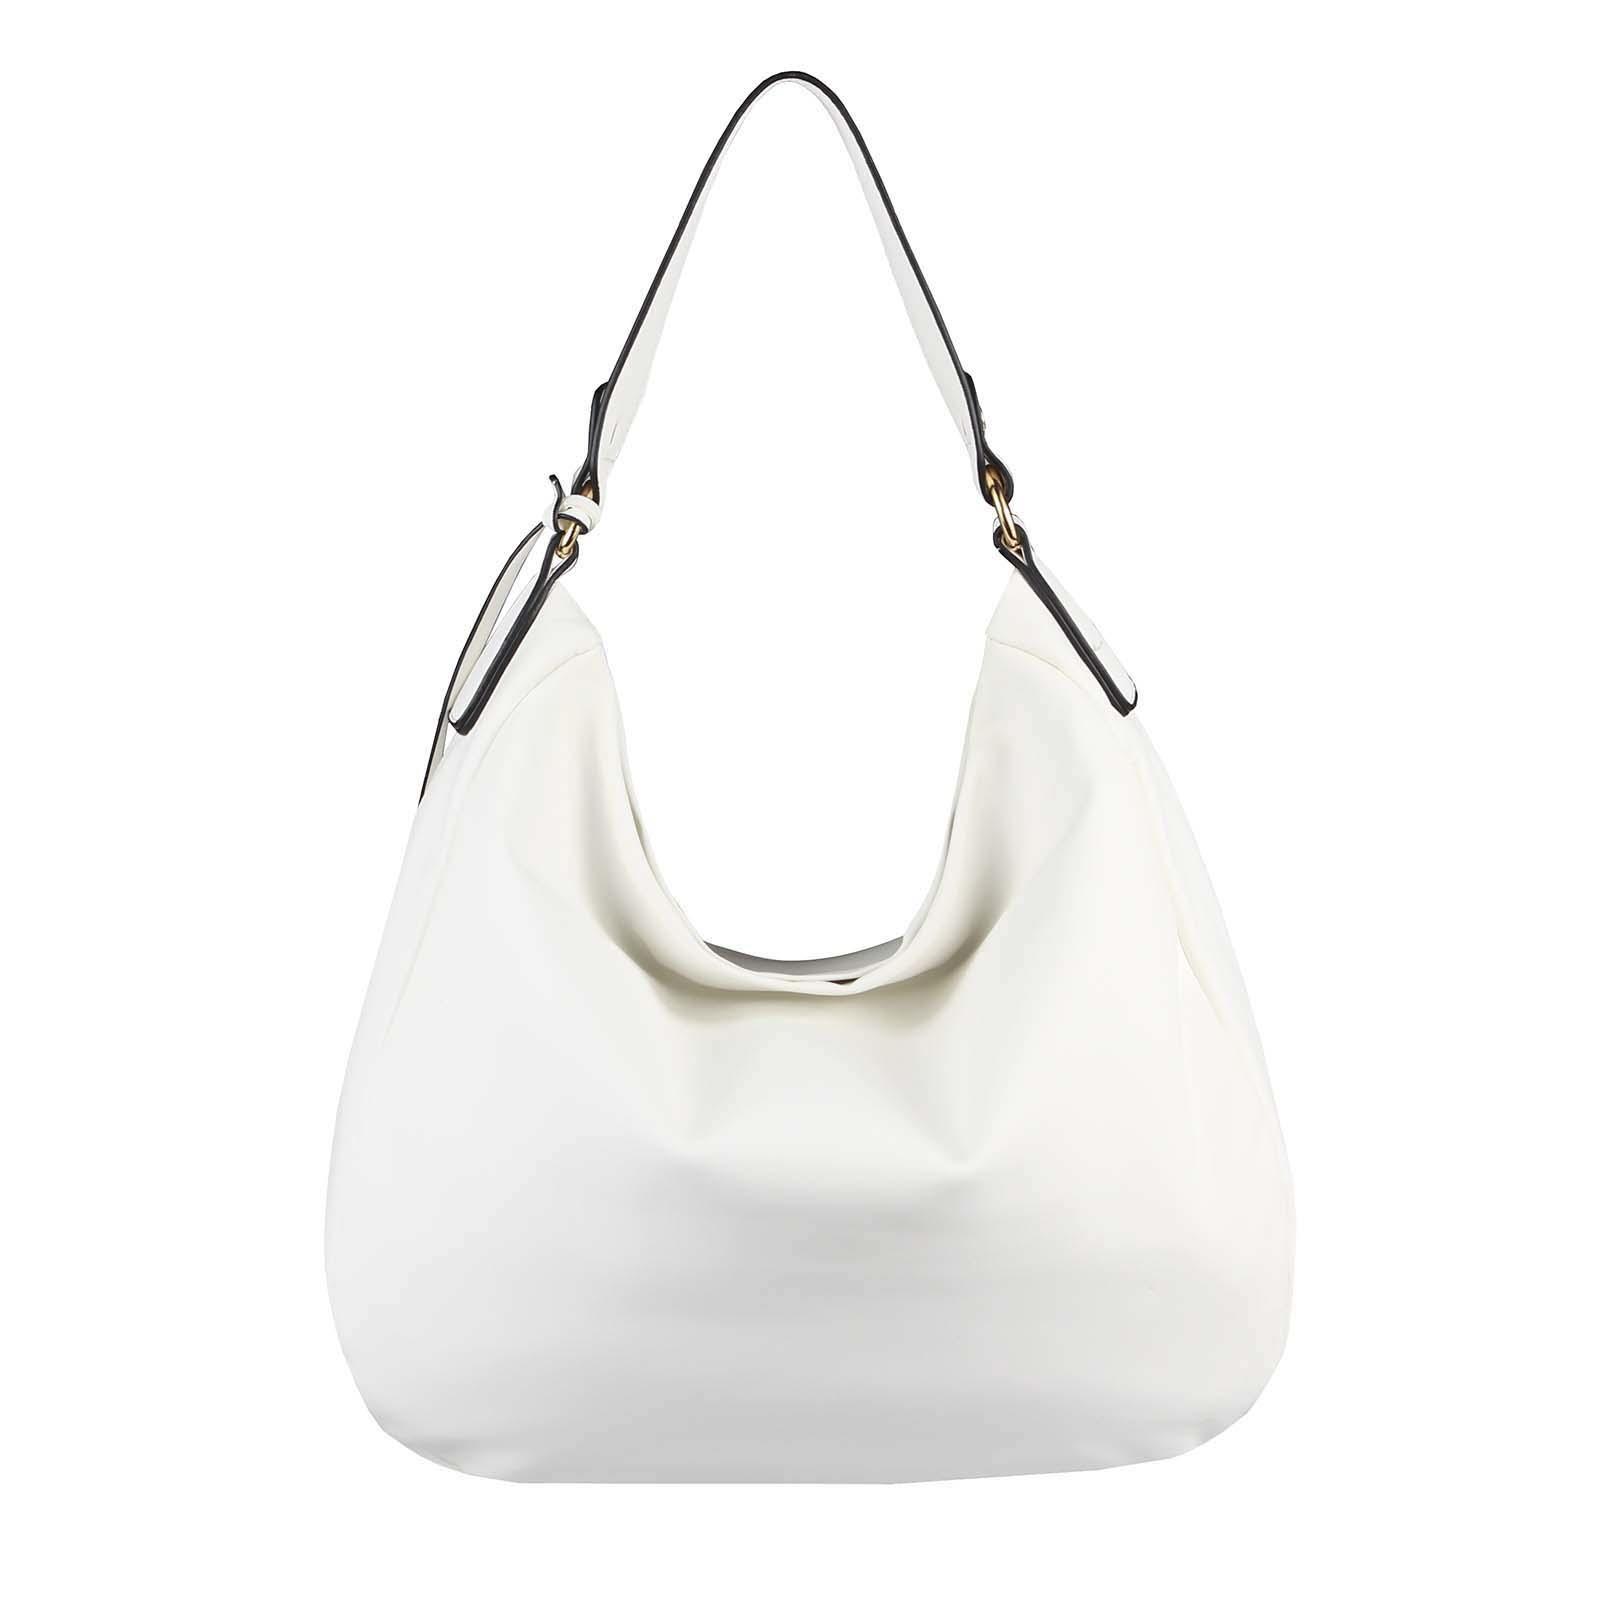 Hand Bag Damen Hobo Shopper Henkeltasche Tasche TKJF13lc